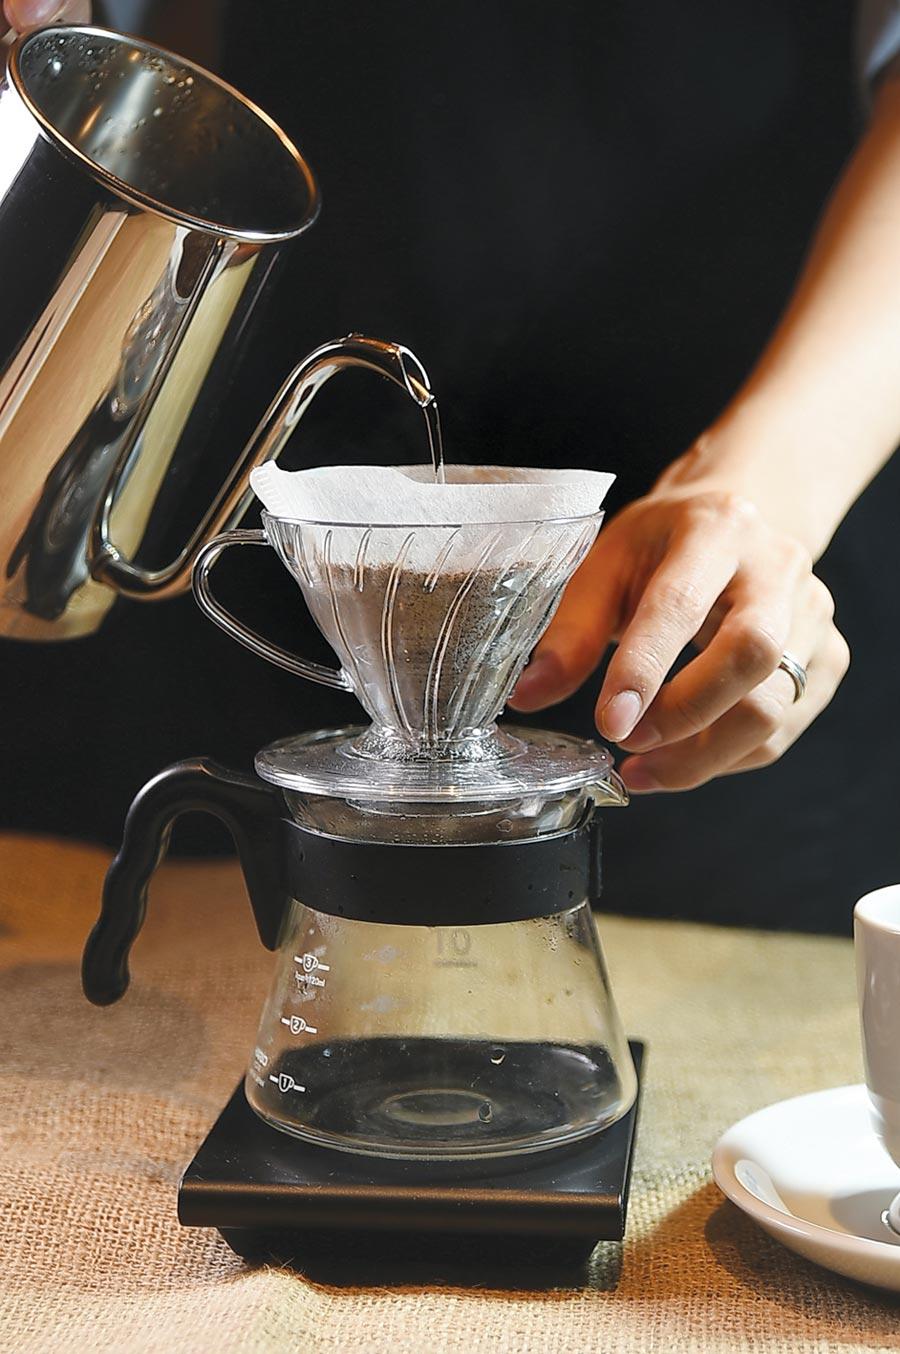 〈星乃珈琲店〉的咖啡標榜現點現磨,且杯杯手沖。圖/姚舜